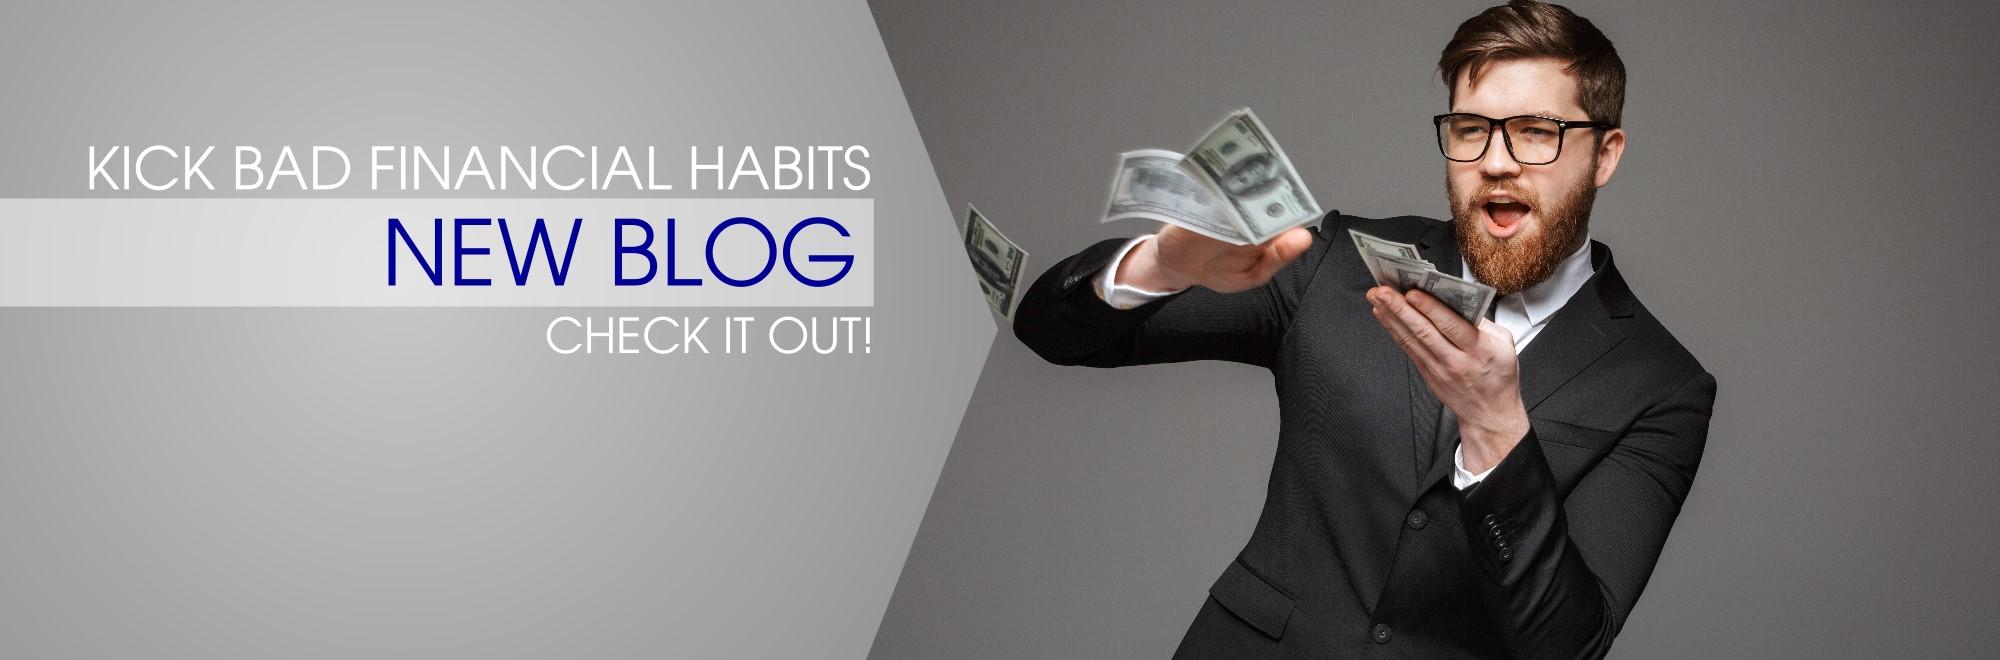 Kick bad financial habits-new blog. check it out.